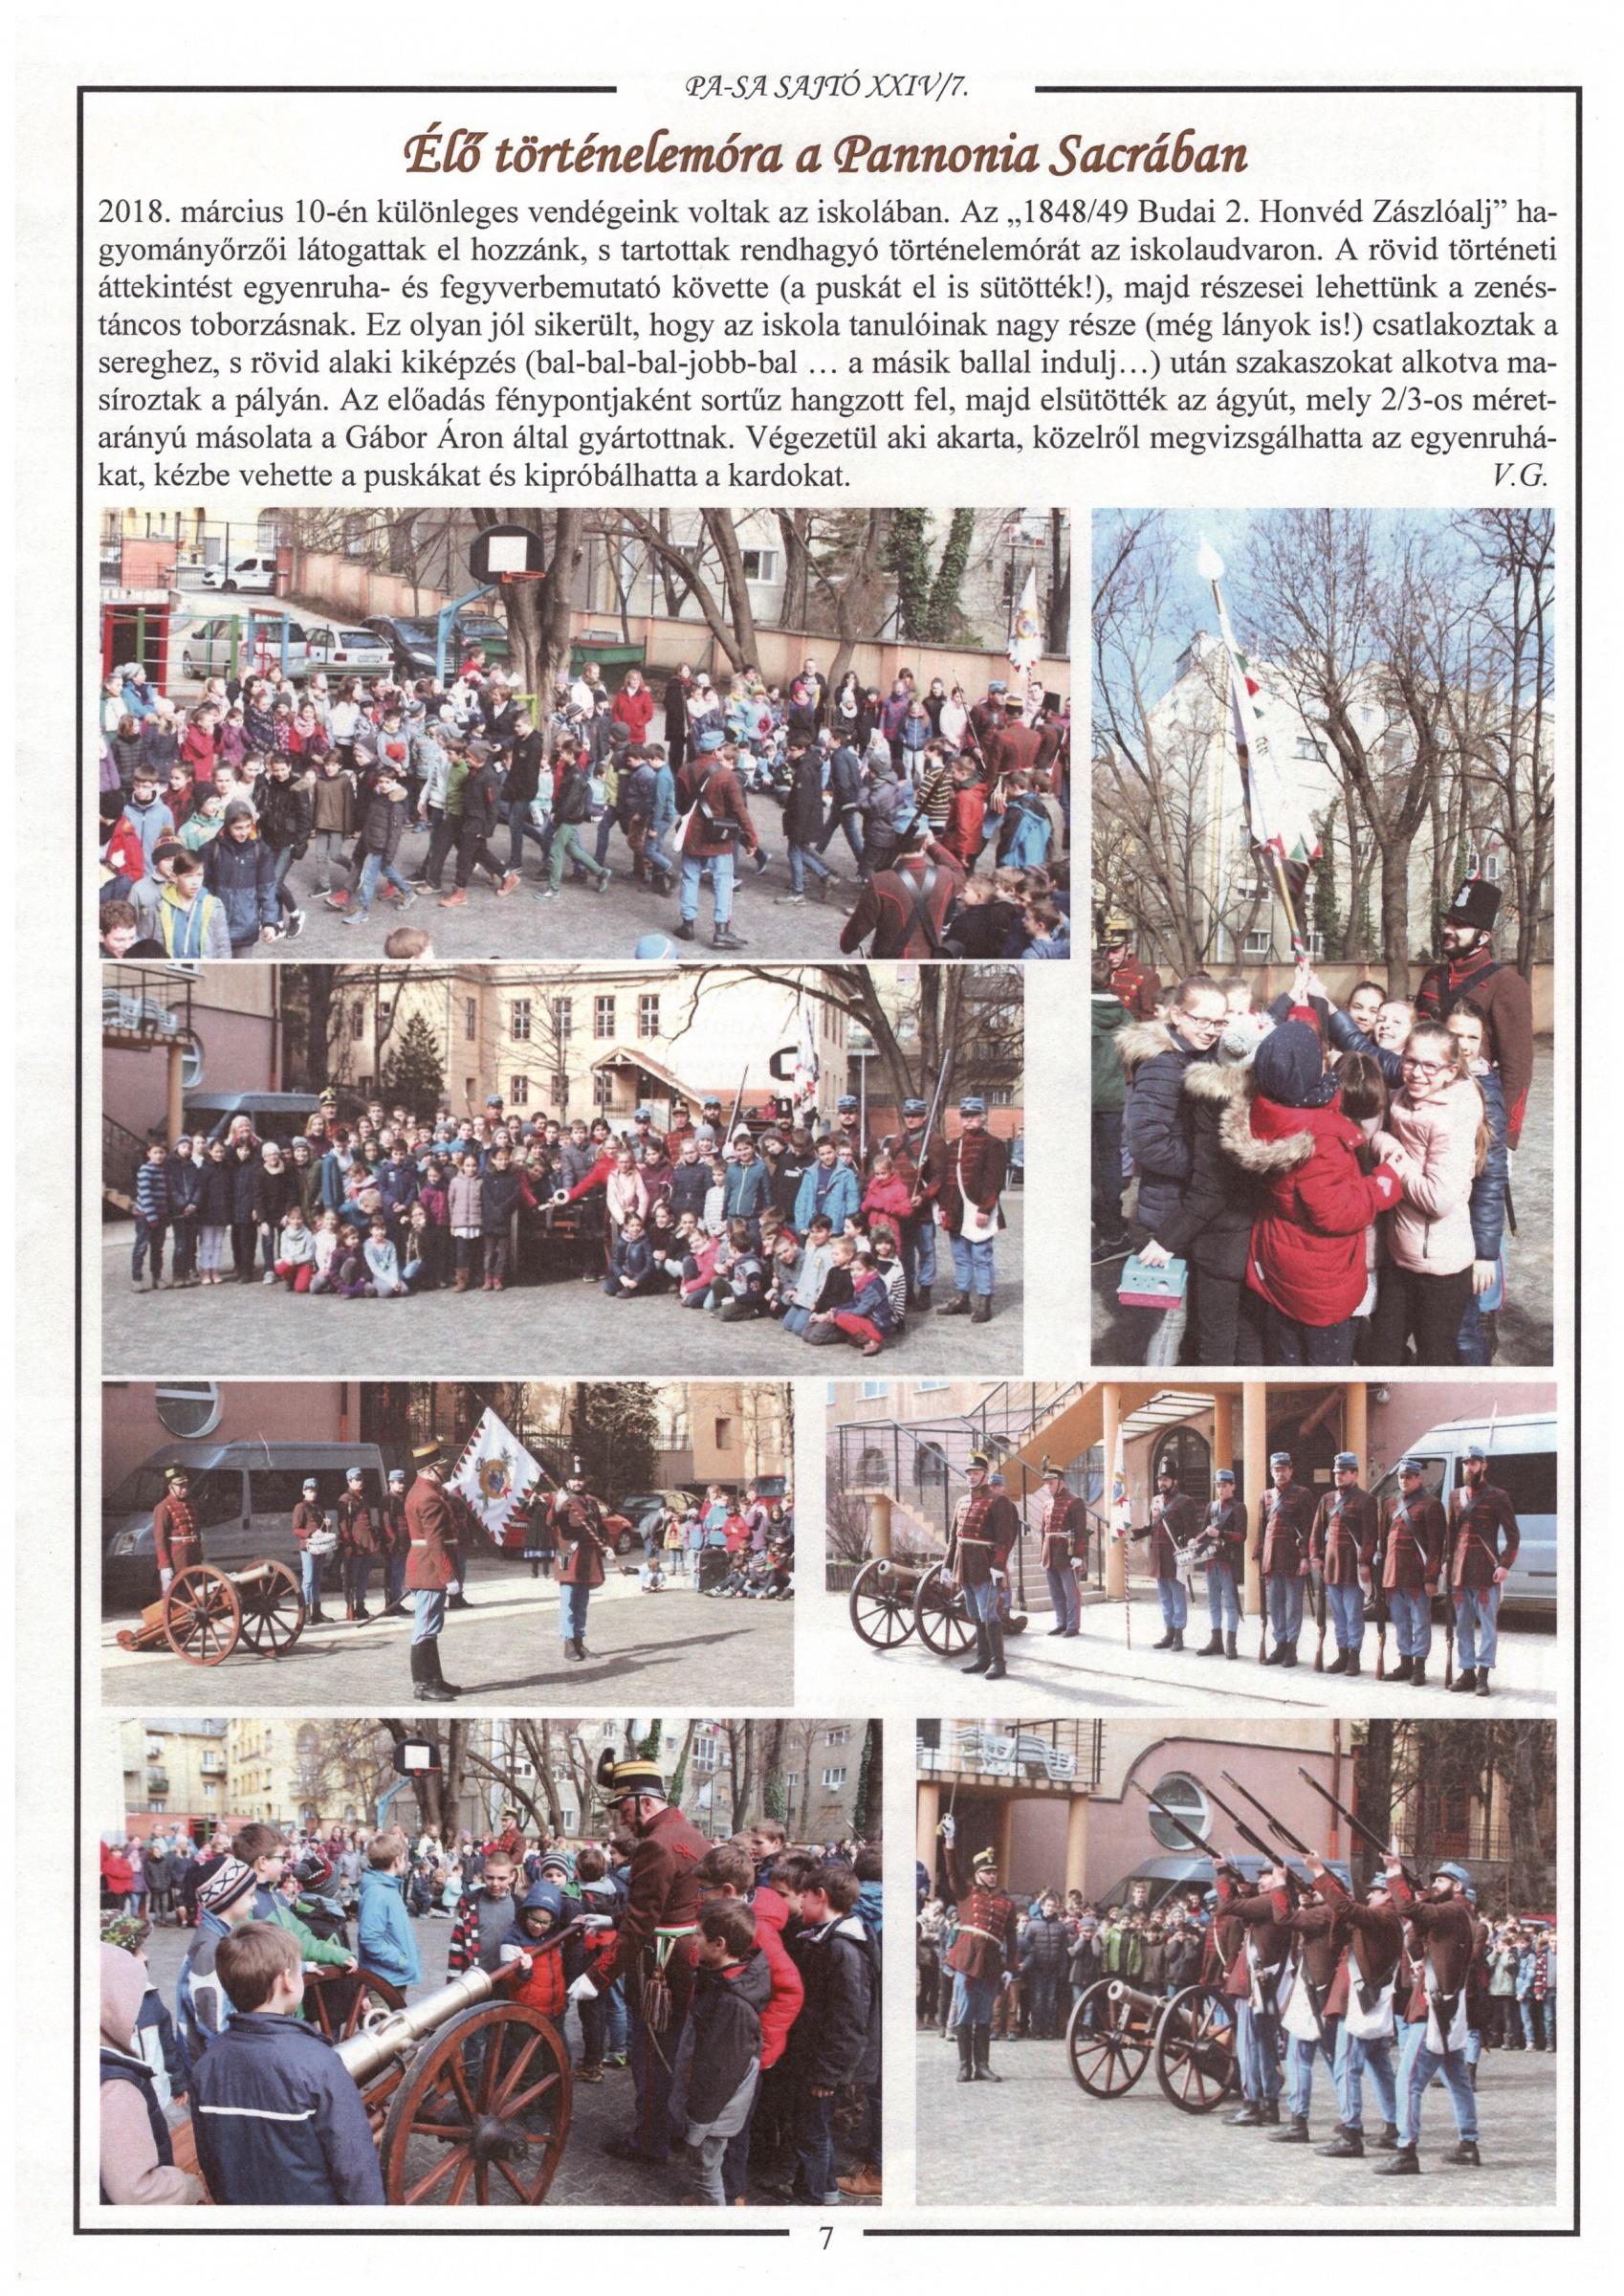 A Budai 2. Honvédzászlóalj a Pannonia Sacra-ban